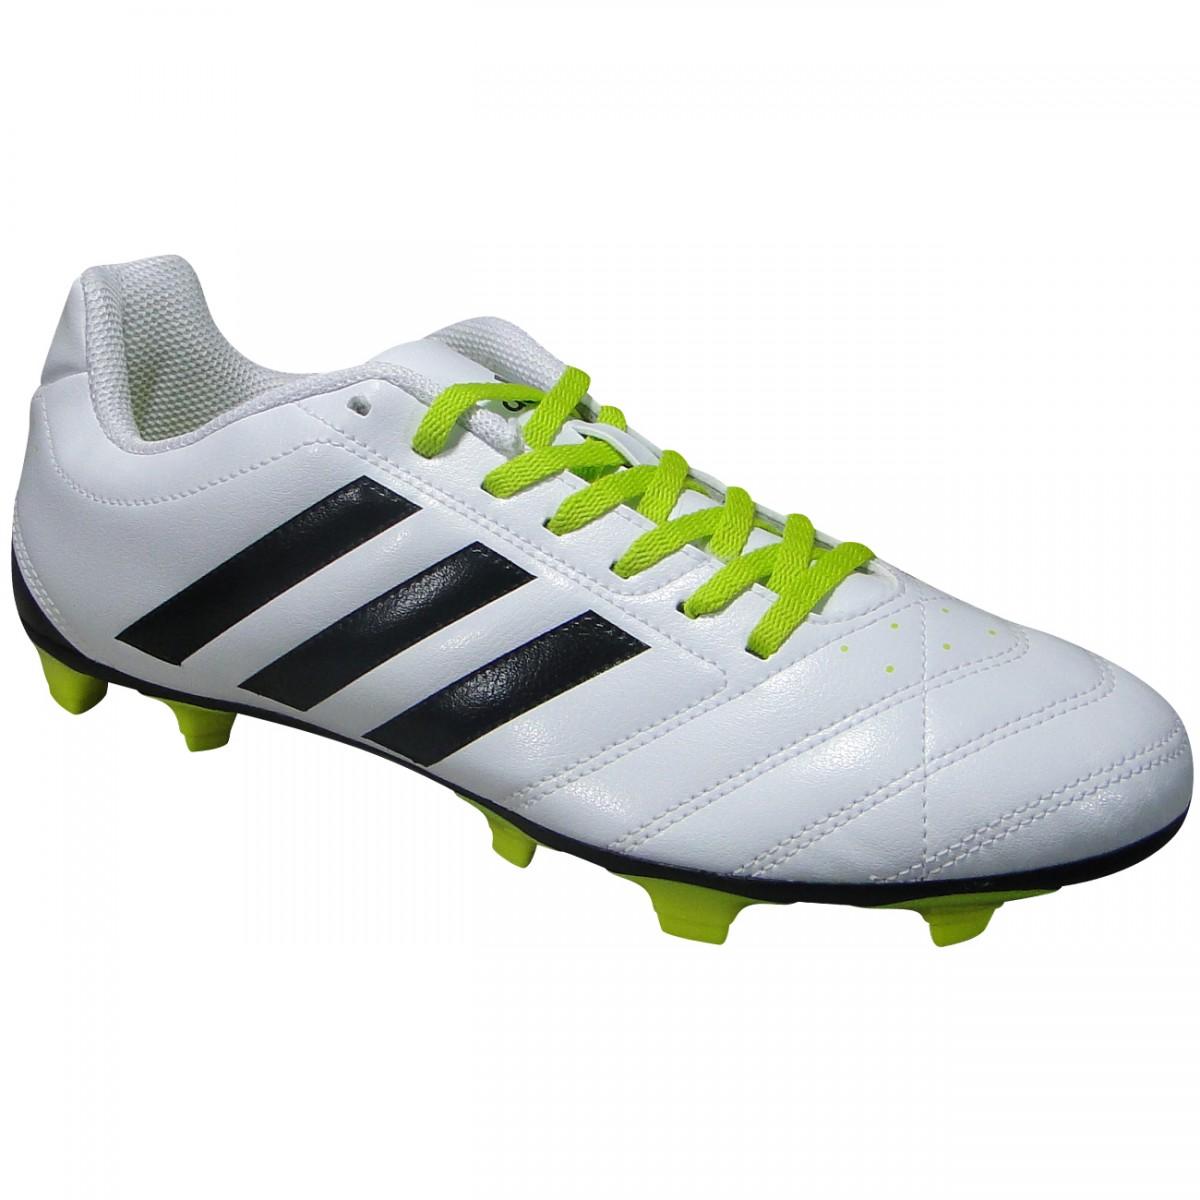 92ce851f39209 Chuteira Adidas Goletto V FG B27068 - Branco/Preto/Limão - Chuteira Nike,  Adidas. Sandalias Femininas. Sandy Calçados